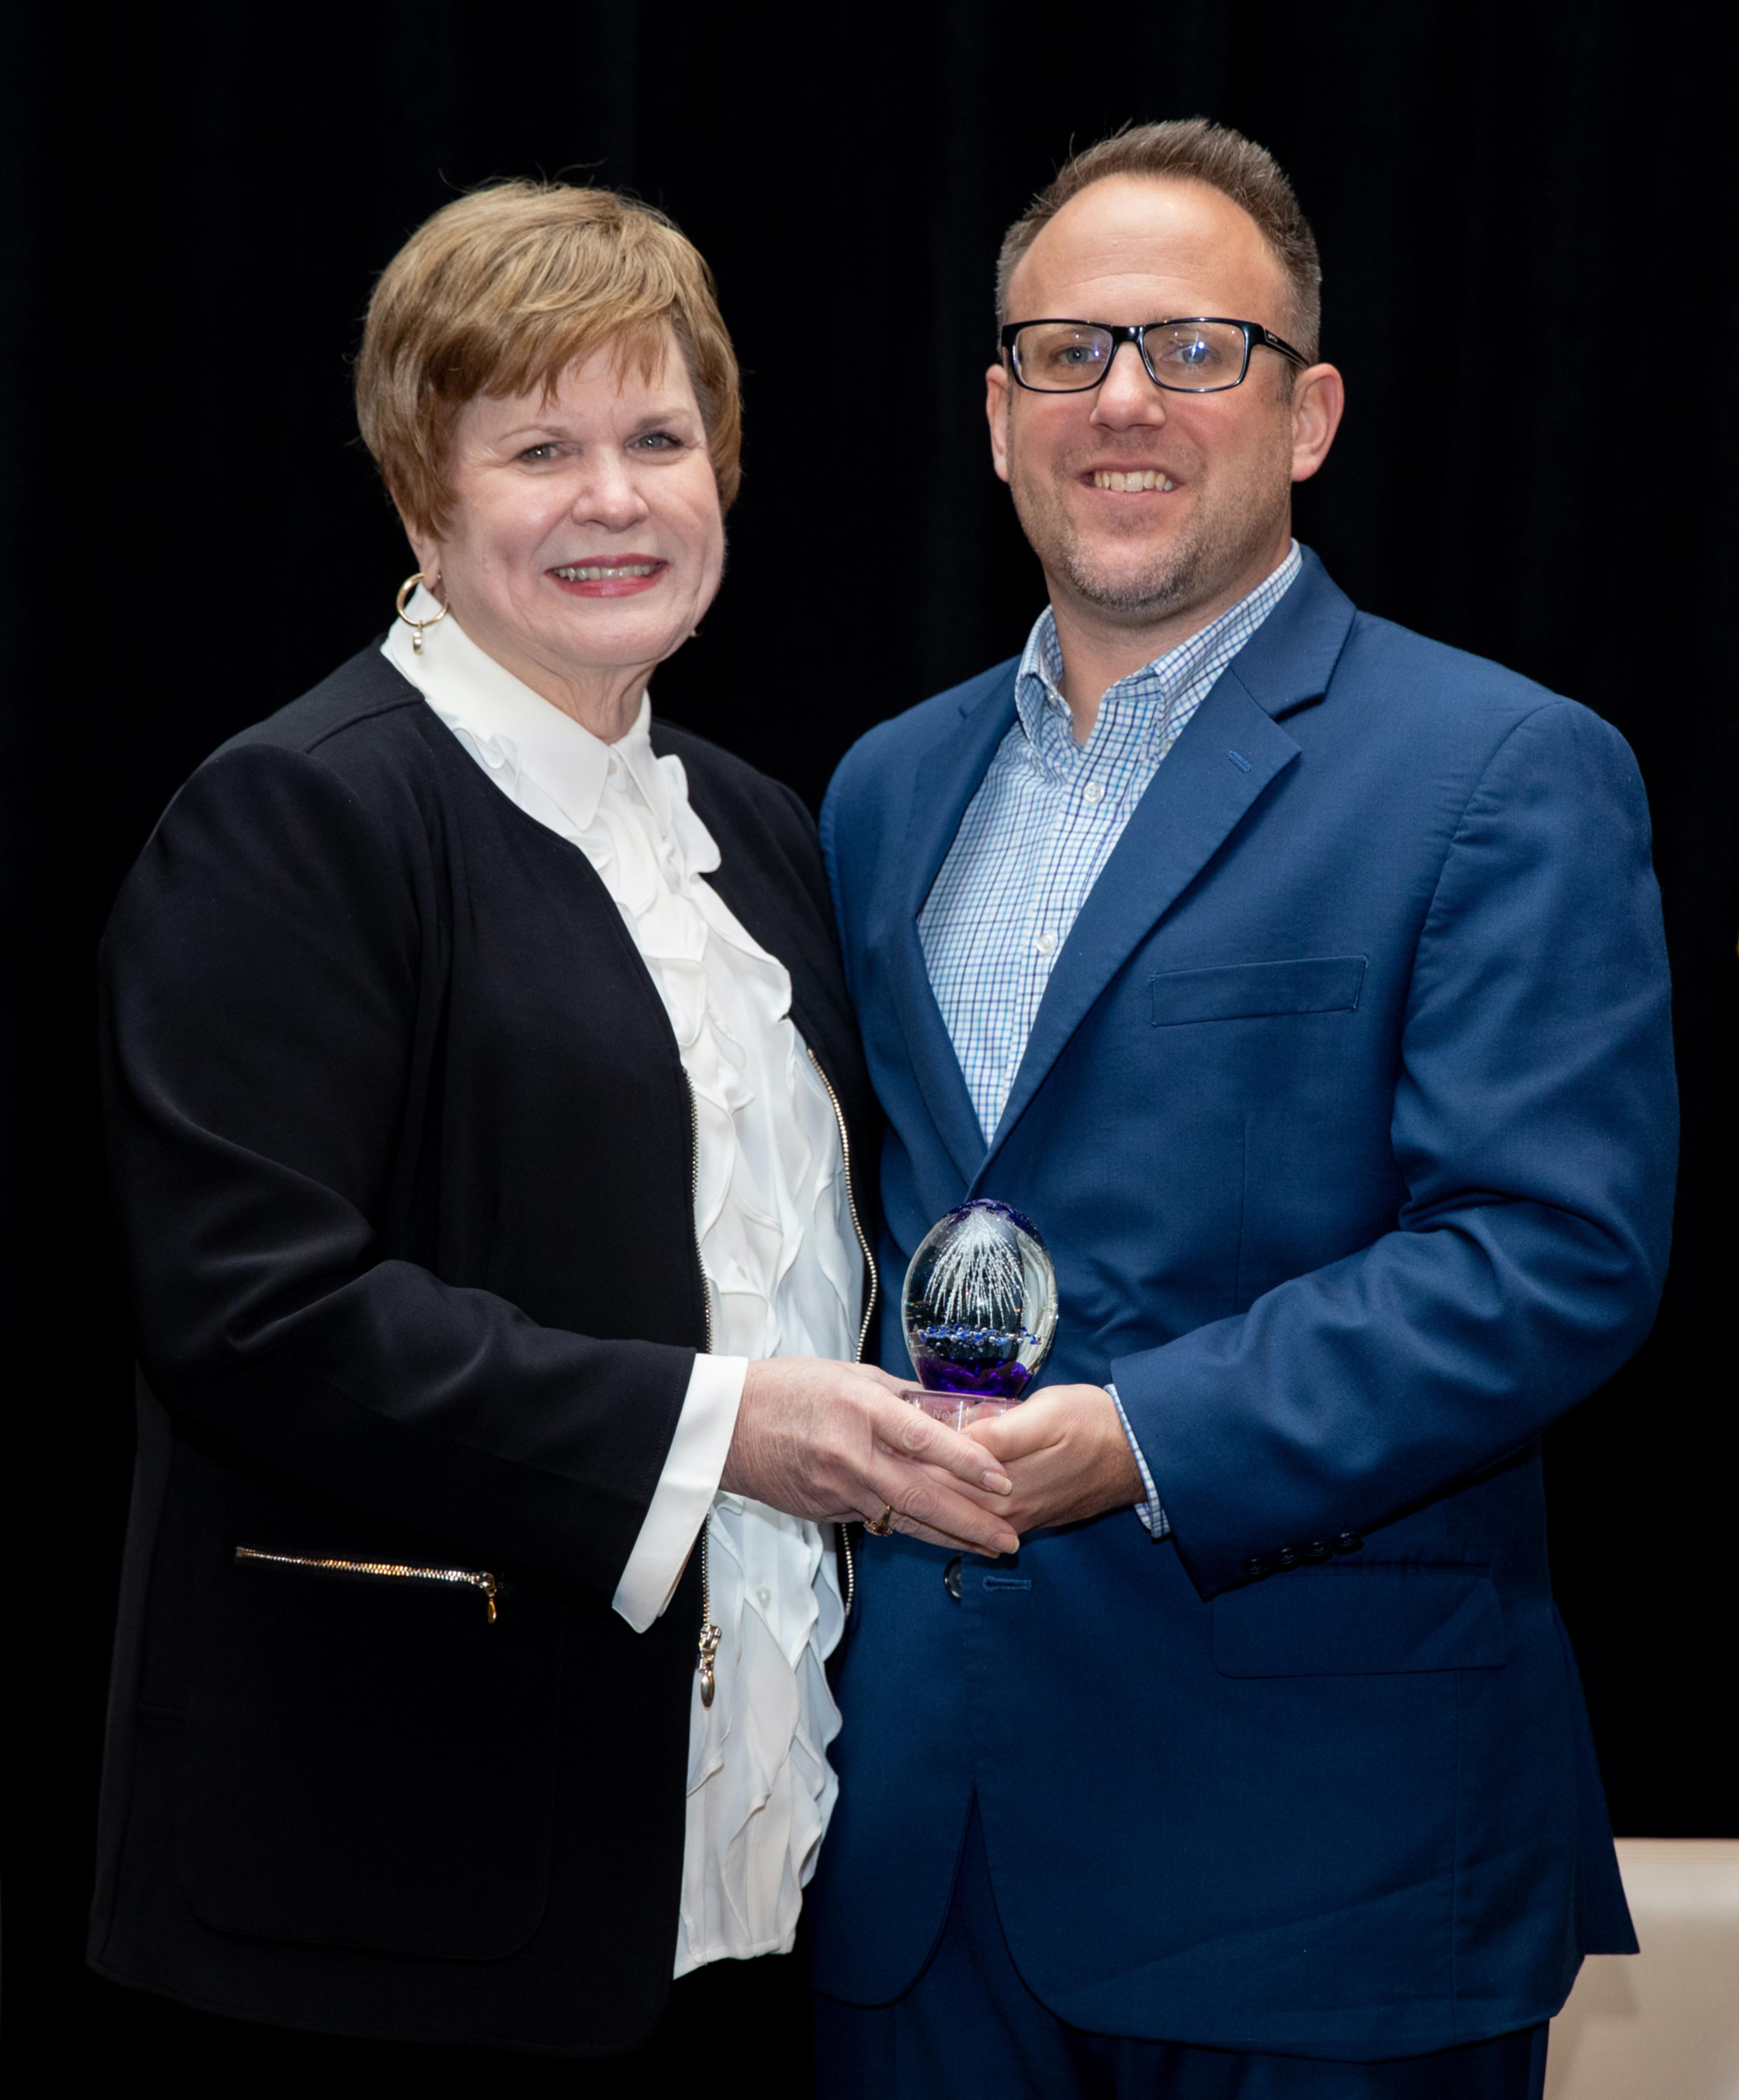 Derek West, 2019 NextGen Award Winner